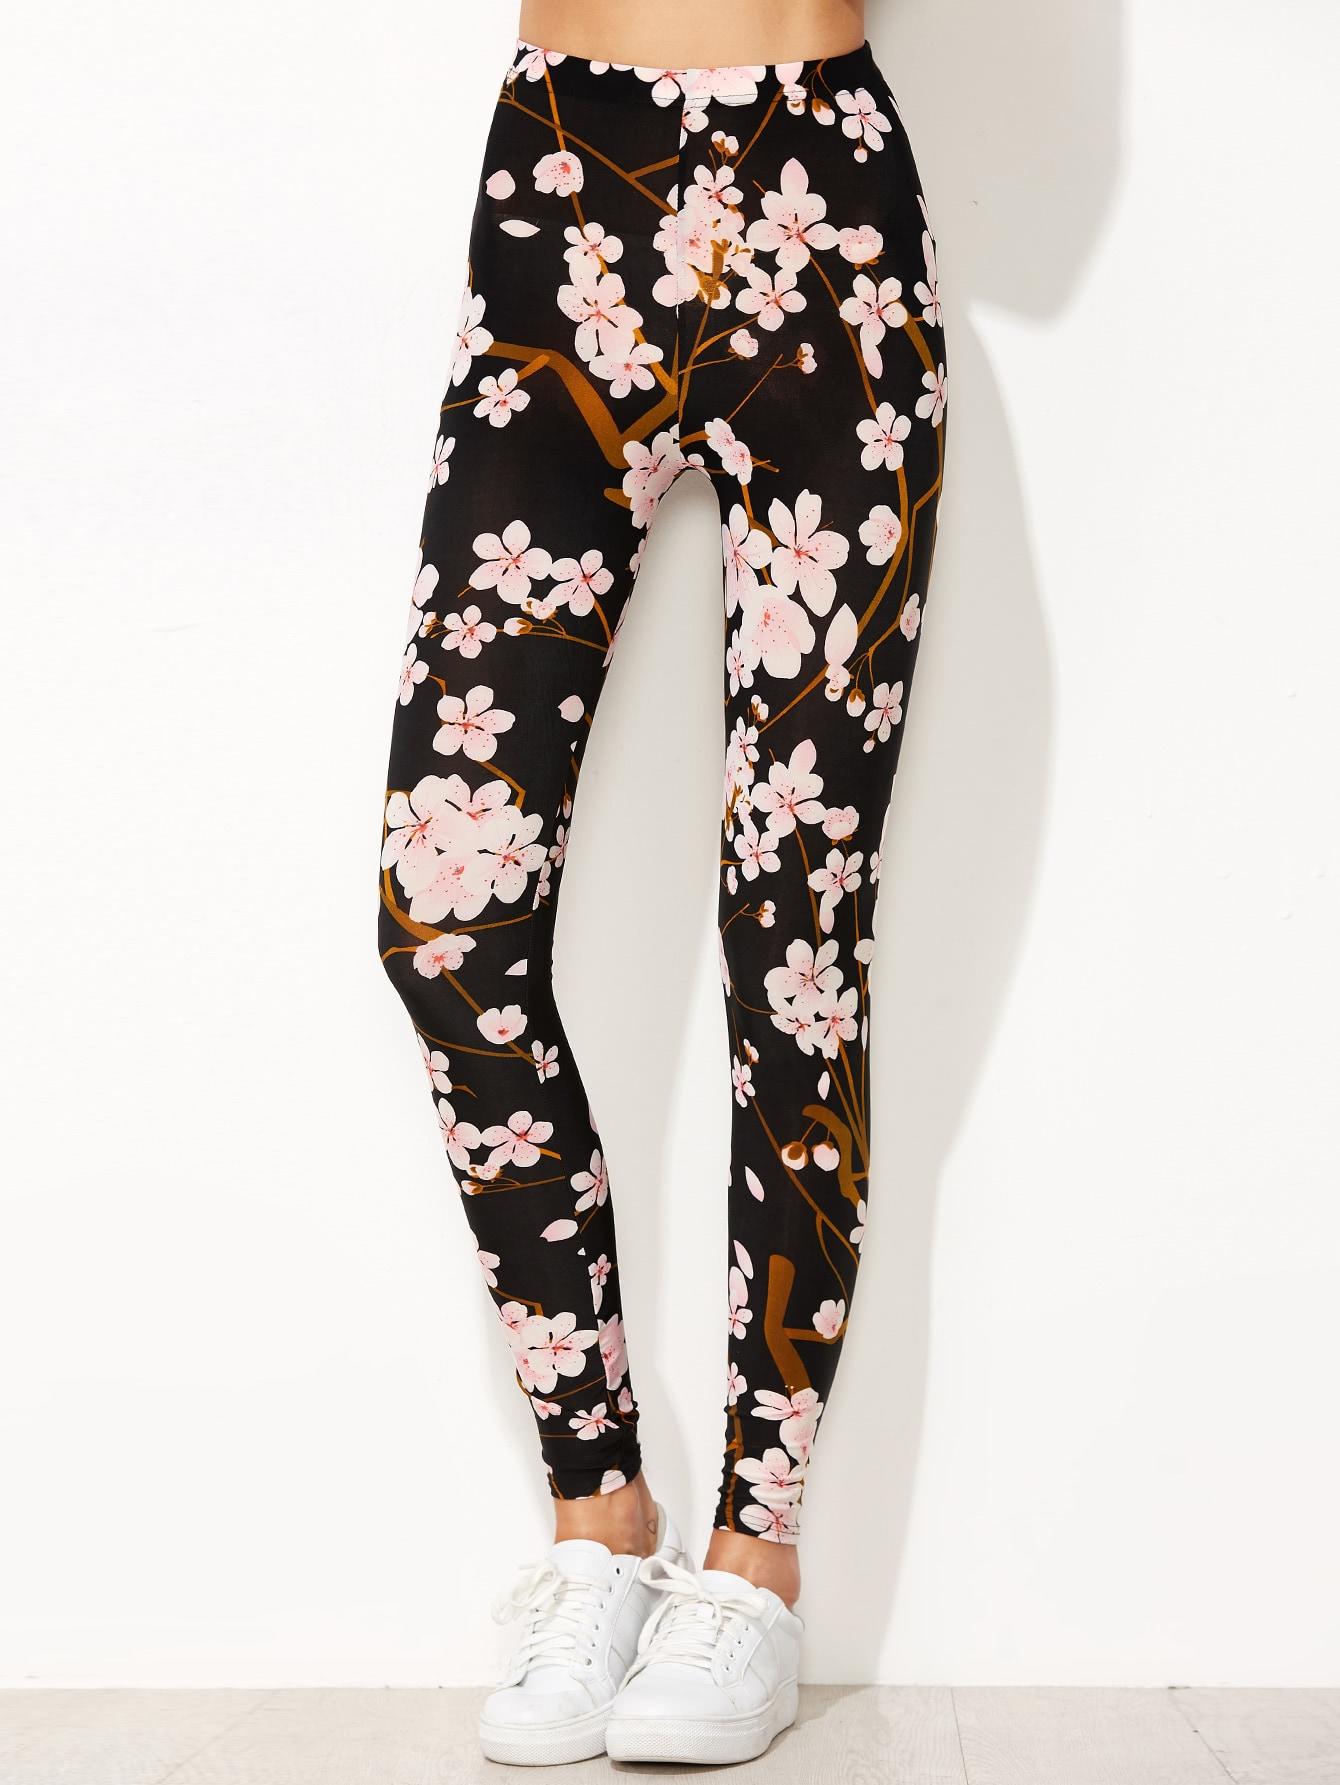 Black Floral Print Leggings